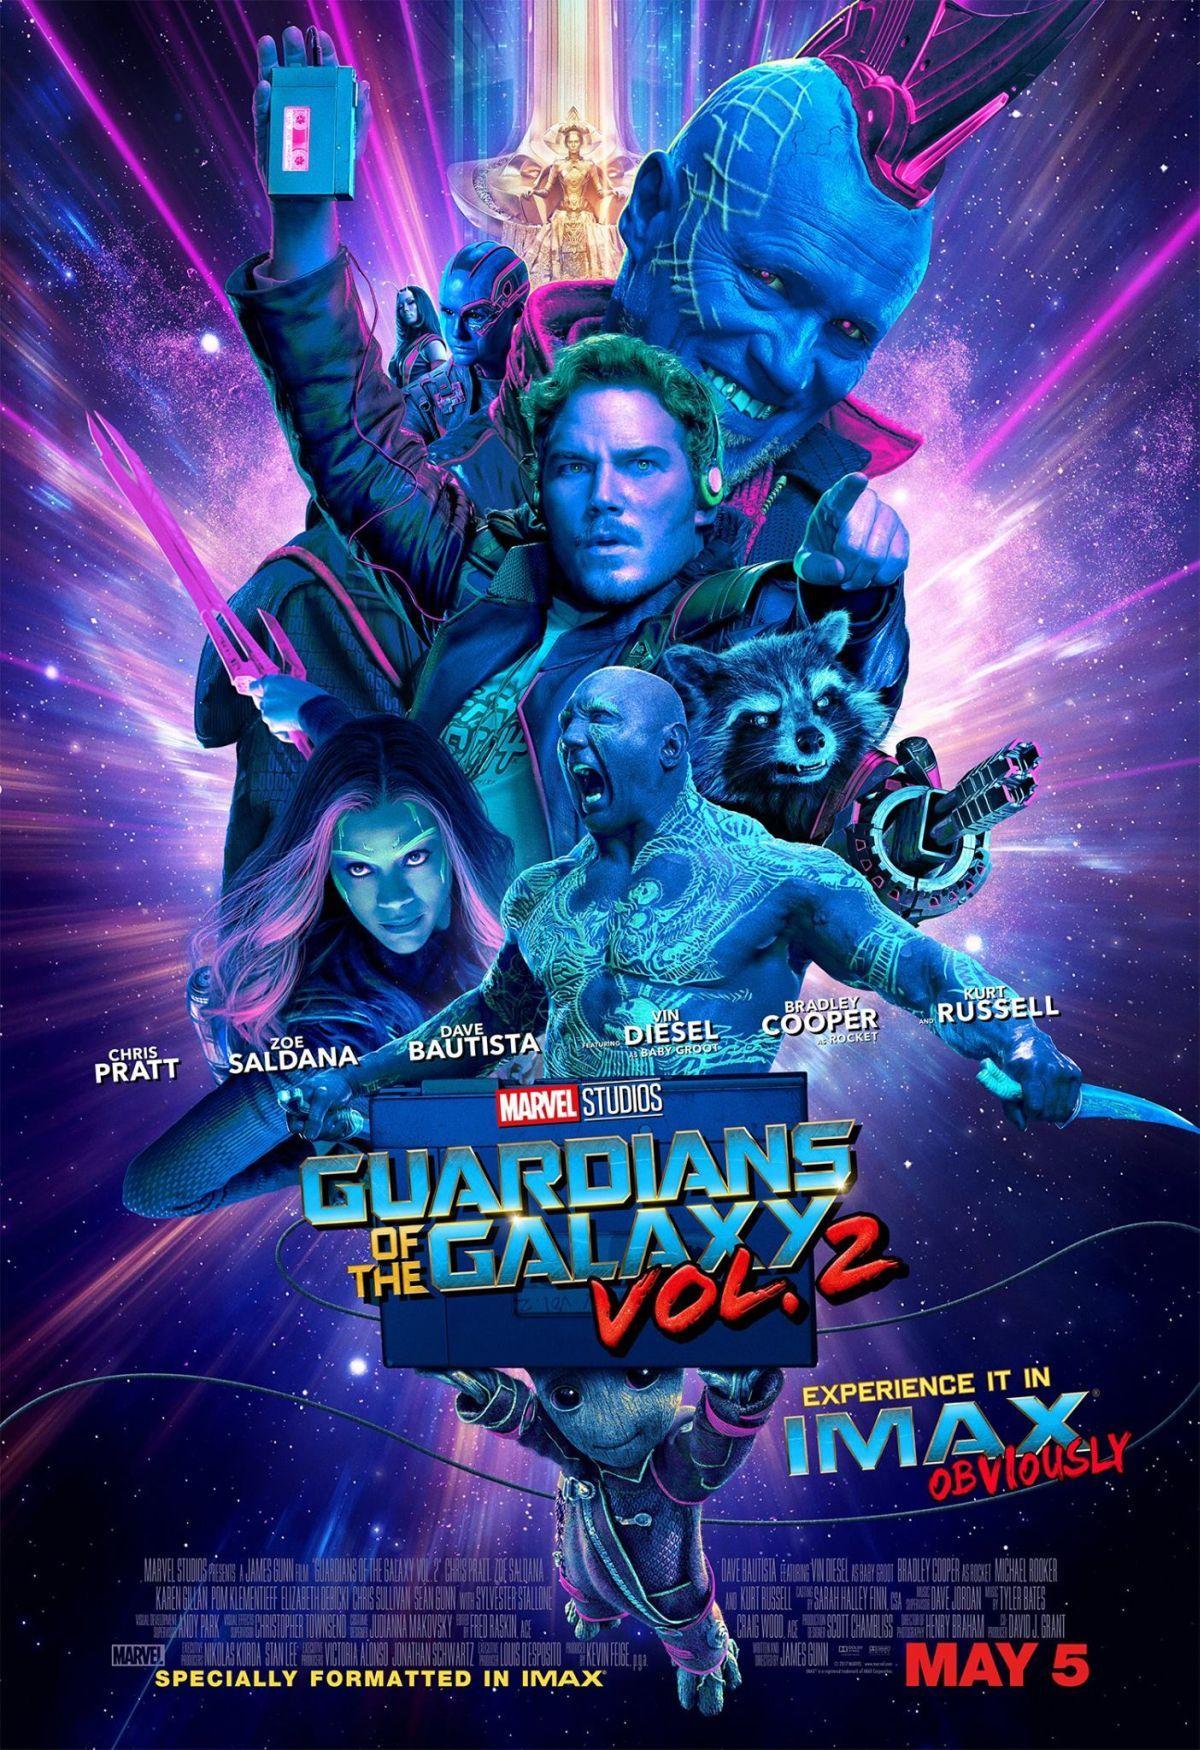 Les Gar ns de la Galaxie Vol 2 l affiche IMAX sous lumi¨re noire